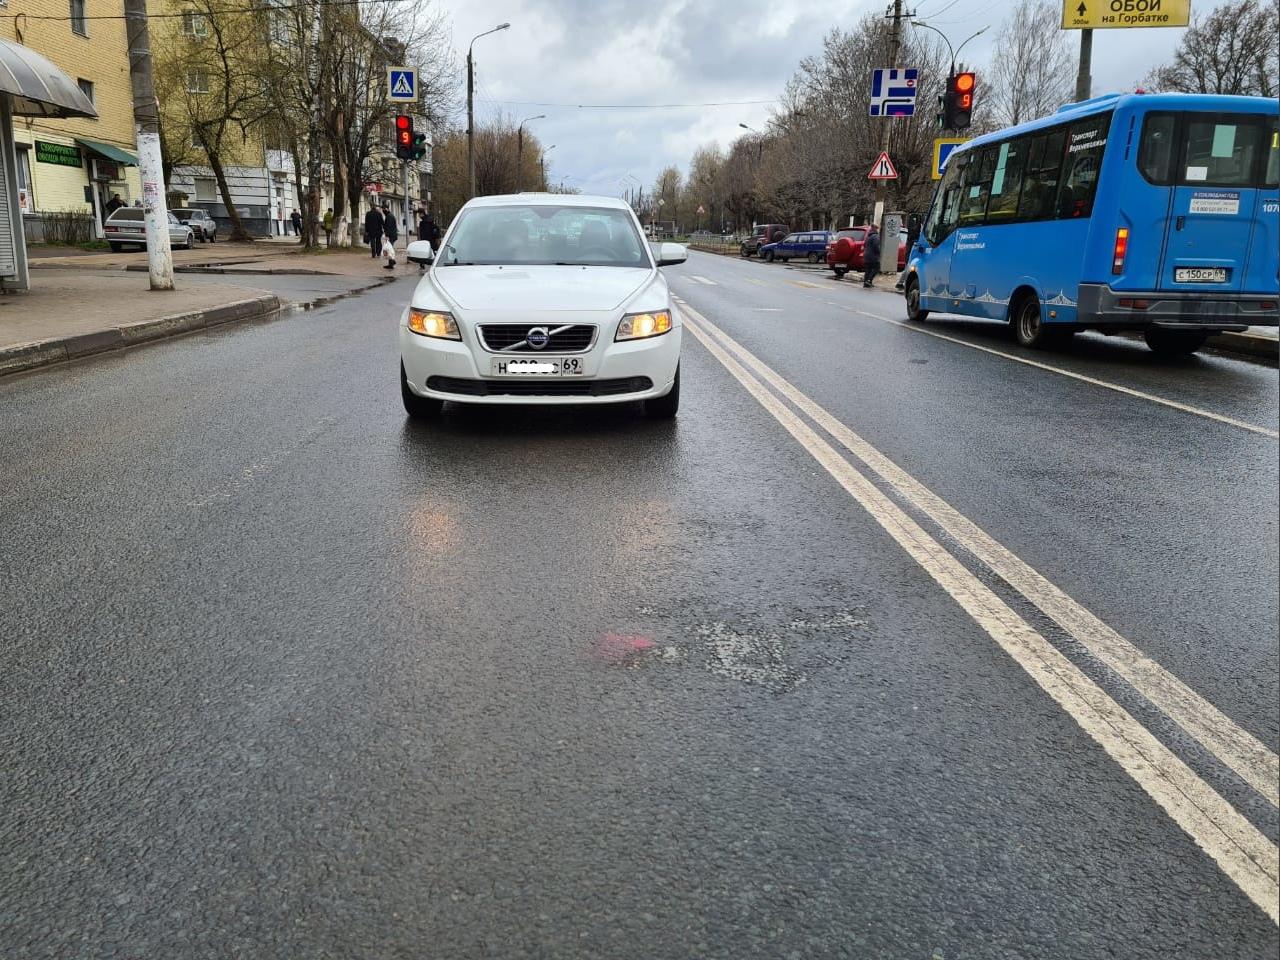 Пожилую женщину сбили на Петербургском шоссе в Твери - новости Афанасий